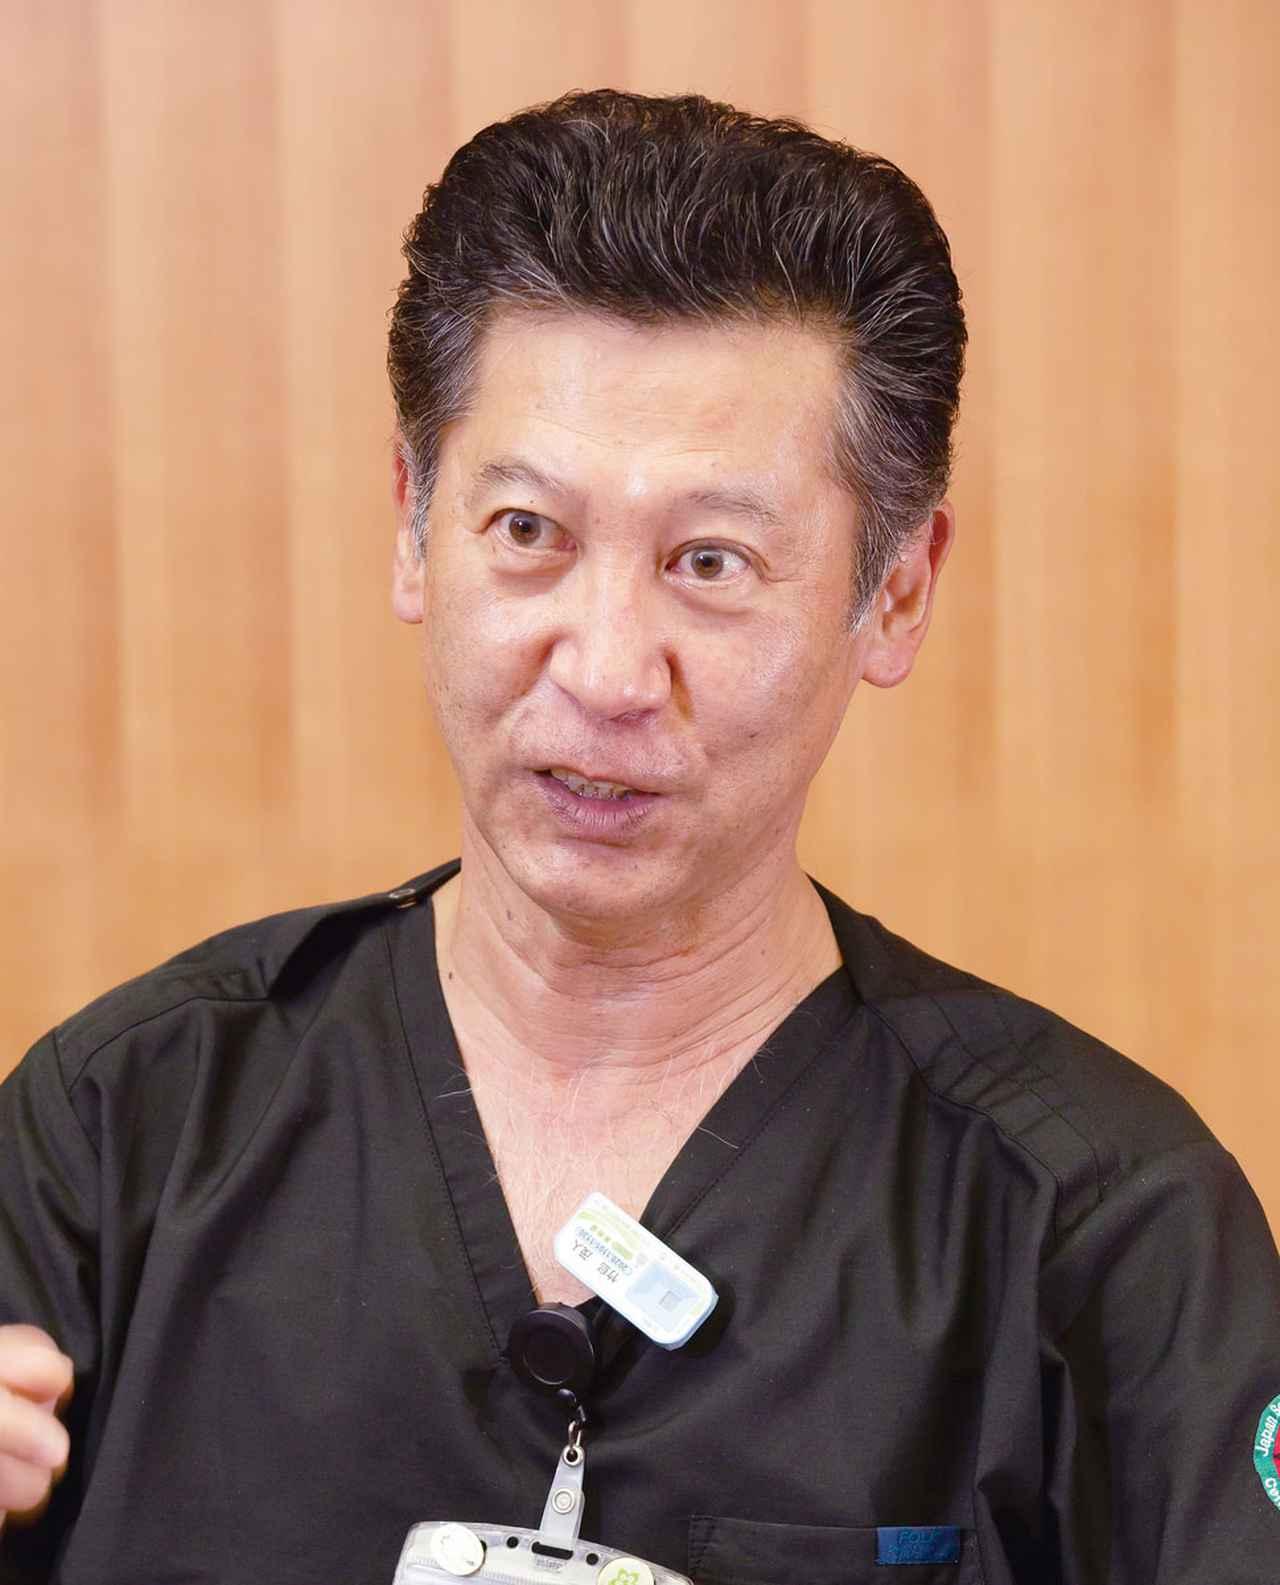 画像: 竹島1佐は、「救急患者の受け入れは地域貢献にもなります。高い技量を持つ医官育成のために取り組み続けます」と話す